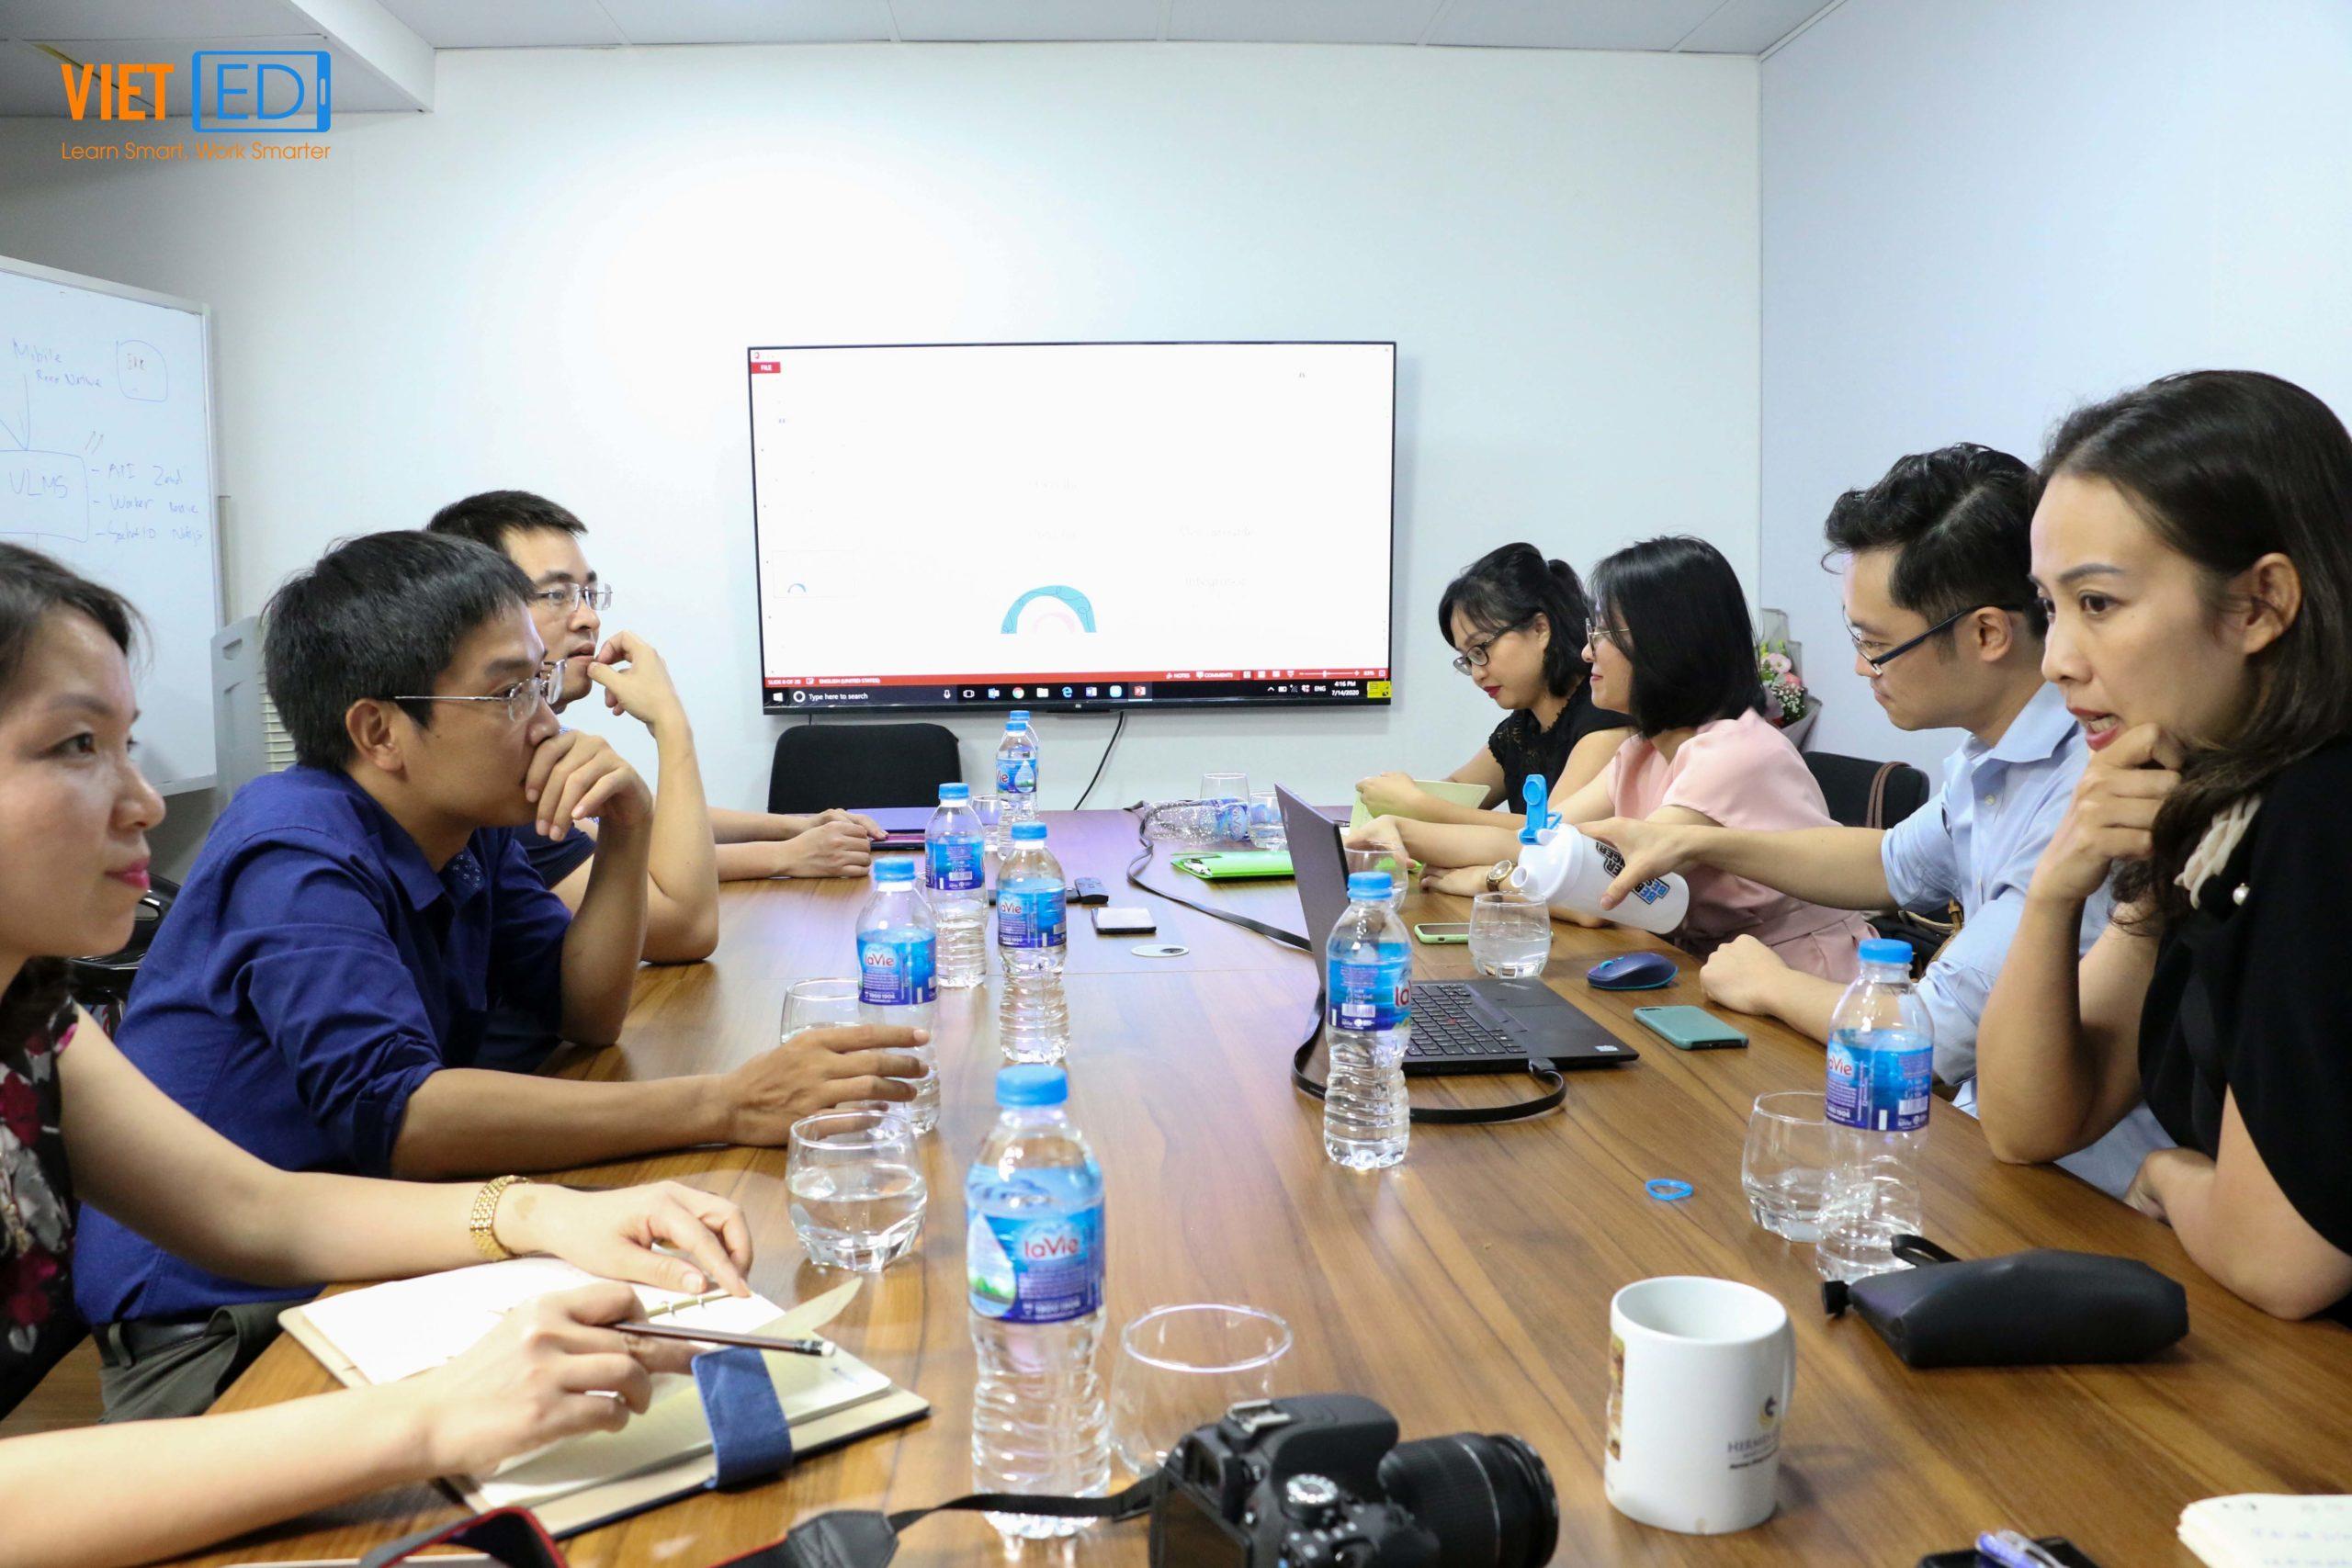 Ban lãnh đạo và các thành viên tham dự lắng nghe phần trình bày của bà Đỗ Thị Thu Trà